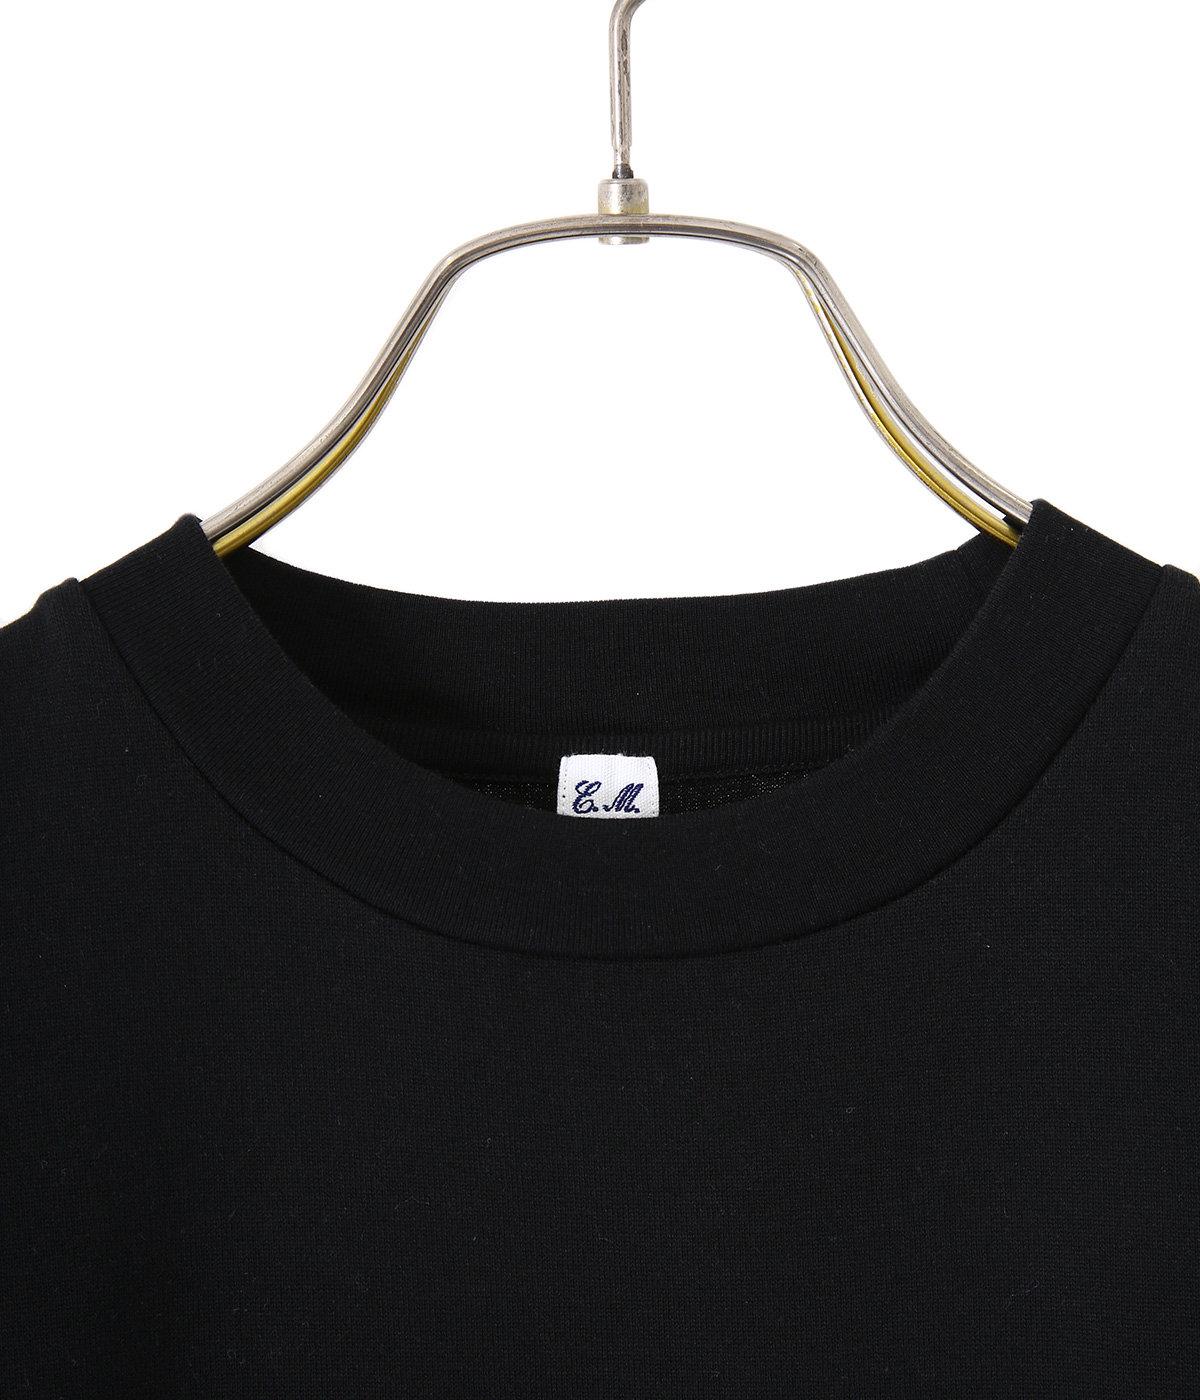 Edel Plain T-shirt